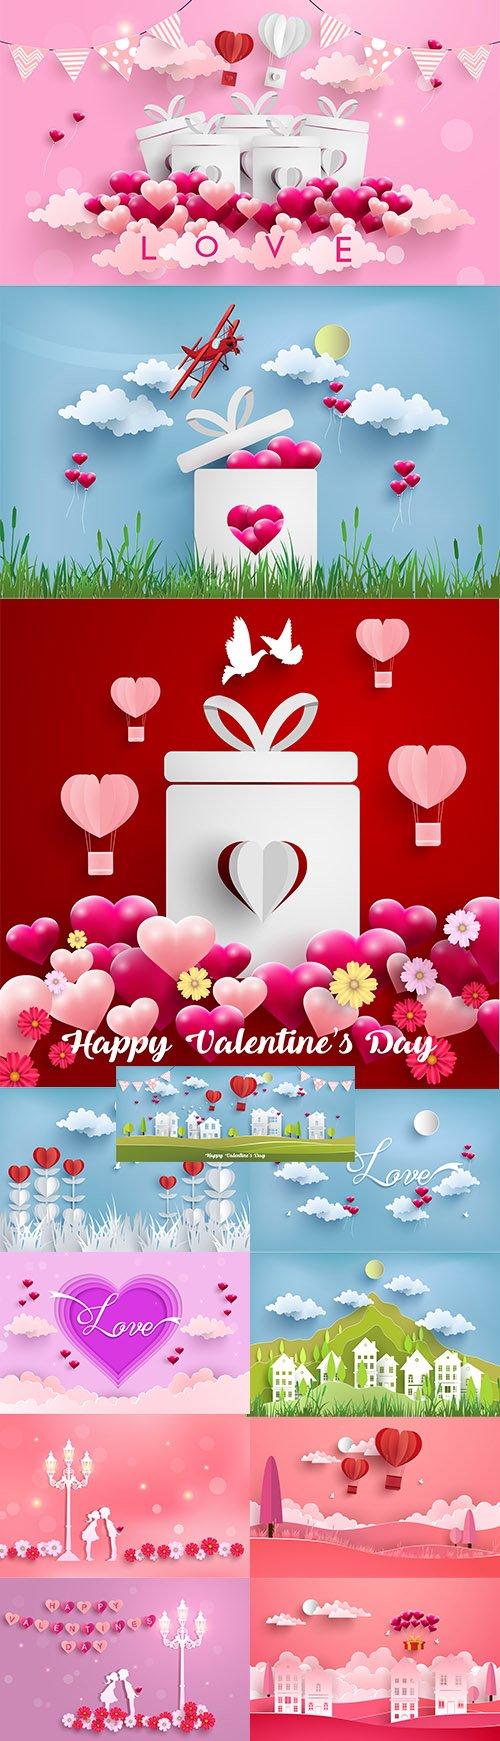 Happy Valentines Day Illustration Set Vol 3